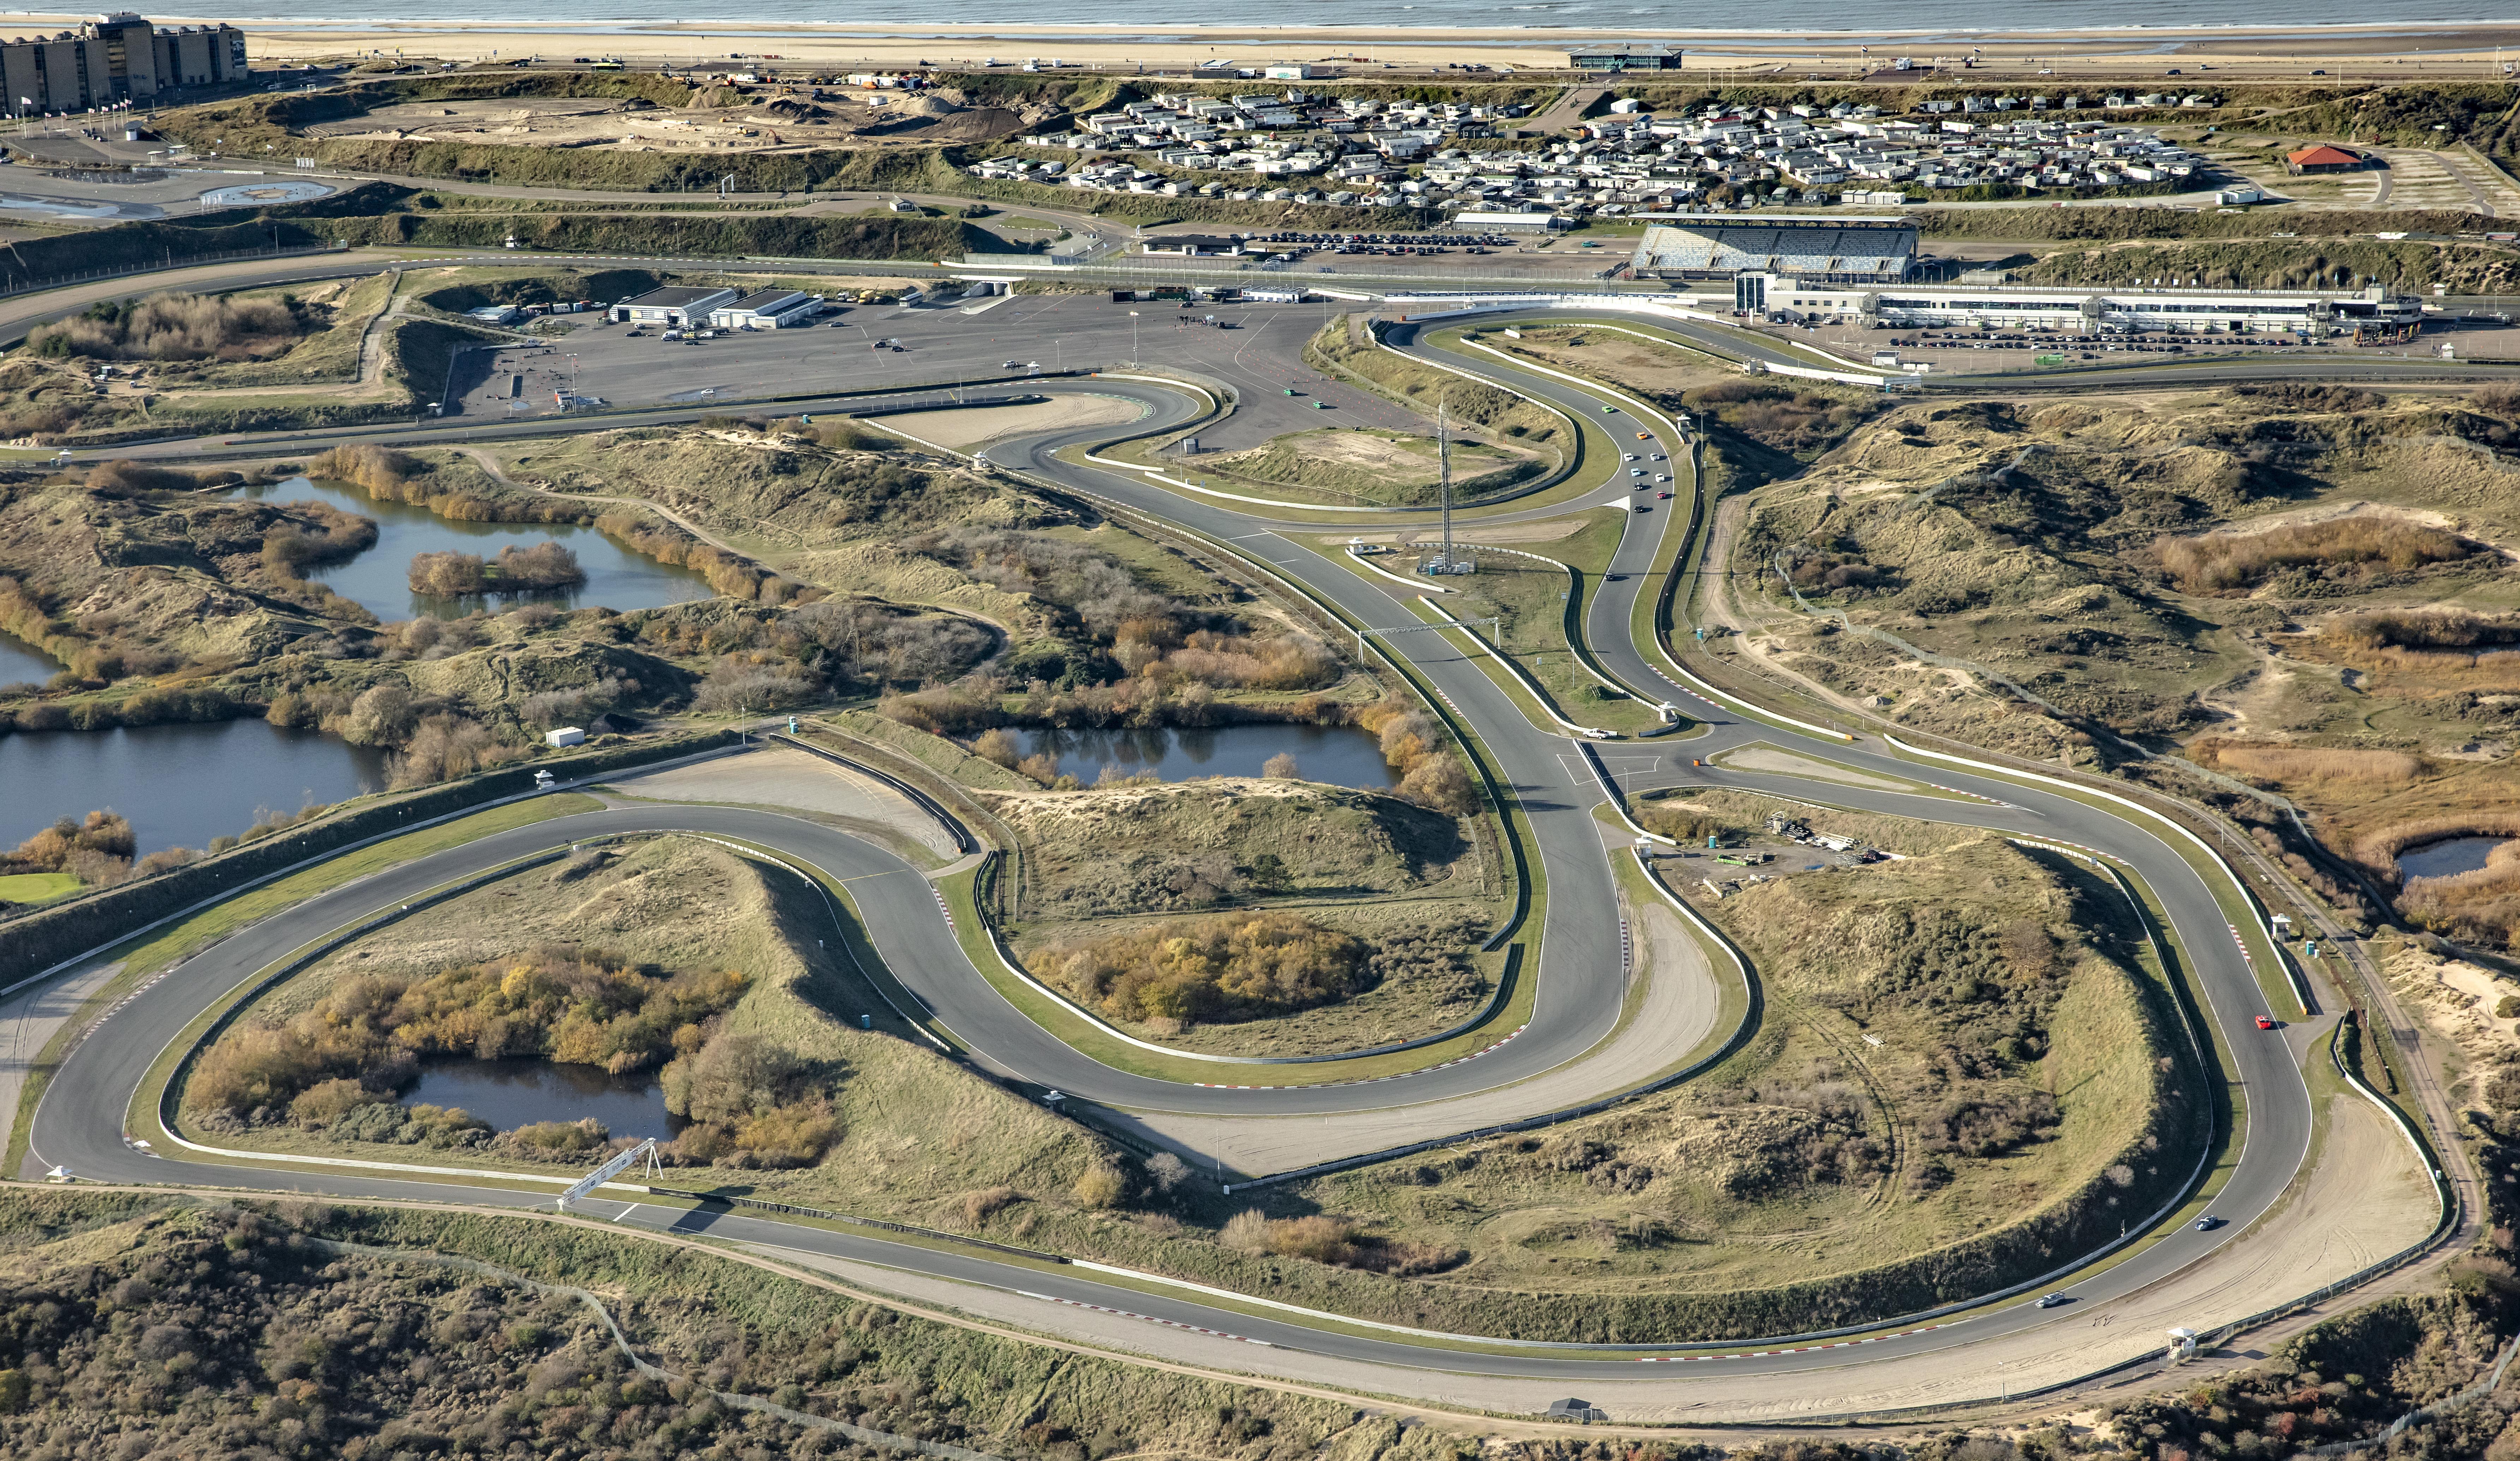 Circuit Zandvoort legt evenement voortijdig stil: Coronamaatregelen zijn niet te handhaven